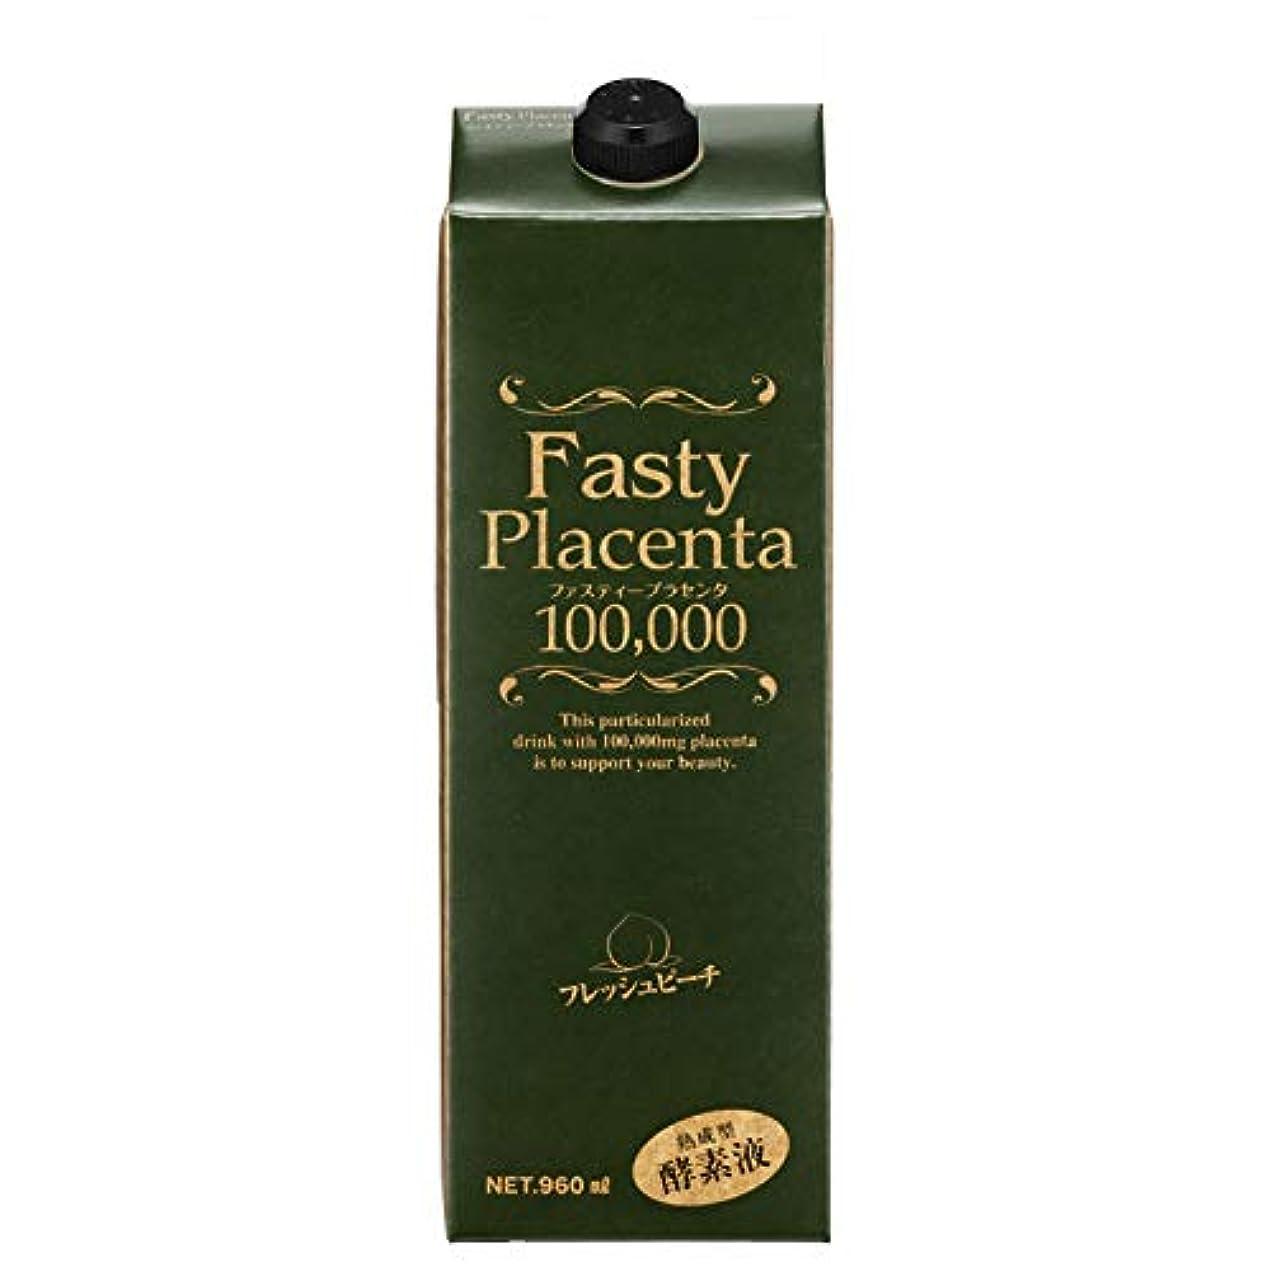 ファスティープラセンタ100,000 増量パック(フレッシュピーチ味)1個